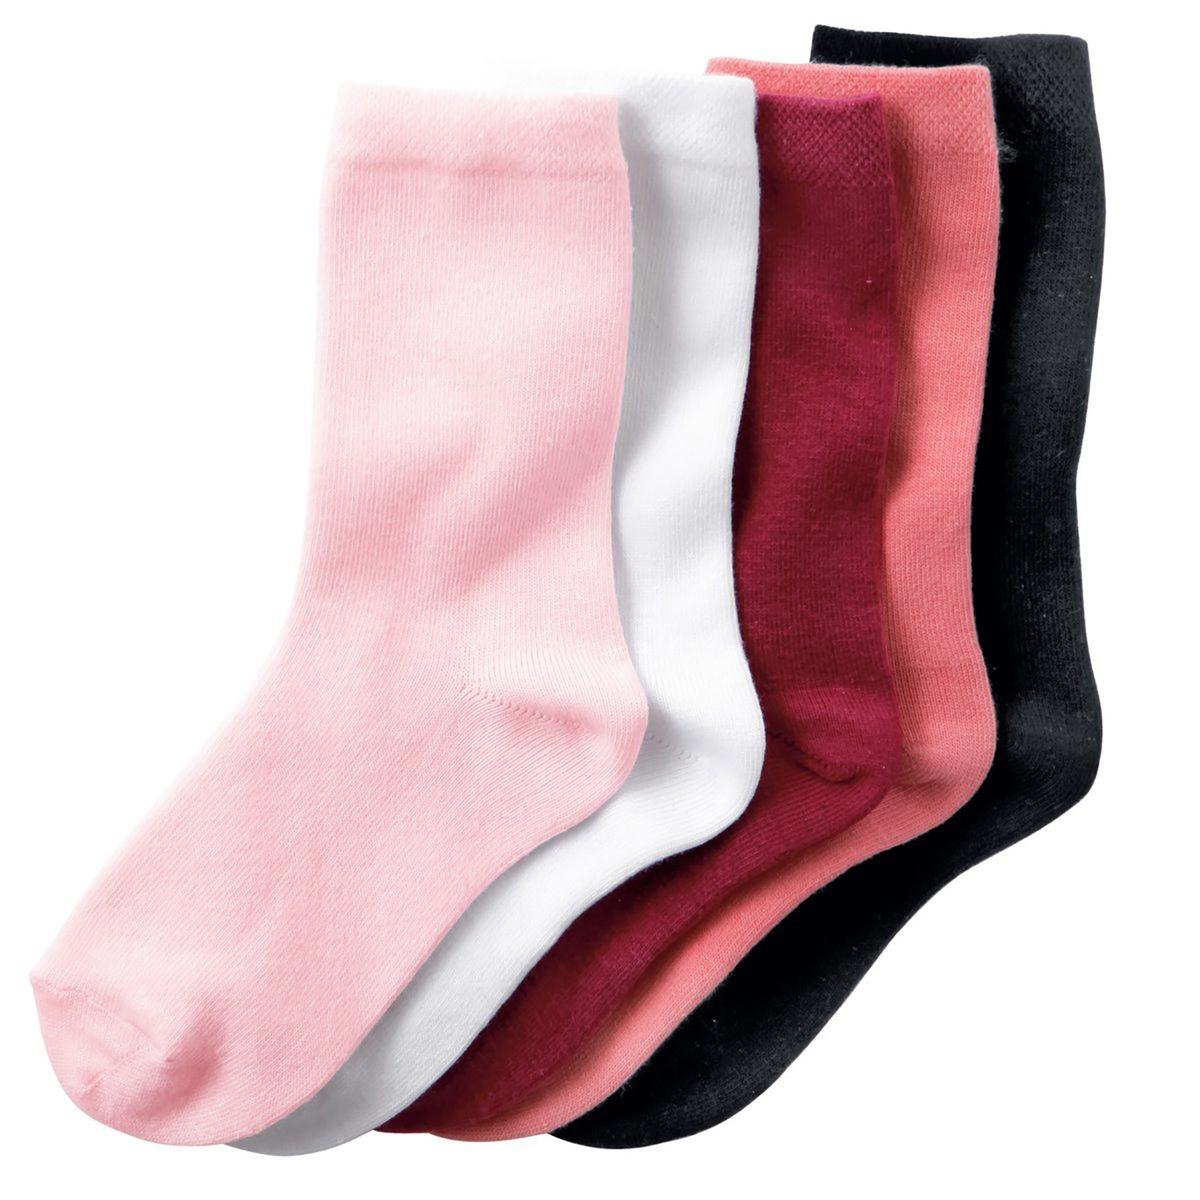 5 пар низких носковНизкие носки однотонные. В комплекте 5 пар носков.Состав и описание : Материал       78% хлопка, 20% полиамида, 2% эластанаМарка       R ?ditionХарактеристикиУход :Машинная стирка при 30°C с вещами подобных цветов.Стирать, предварительно вывернув наизнанку.Машинная сушка запрещена.Не гладить.<br><br>Цвет: белый + розовый + черный<br>Размер: 35/38.23/26.31/34.27/30